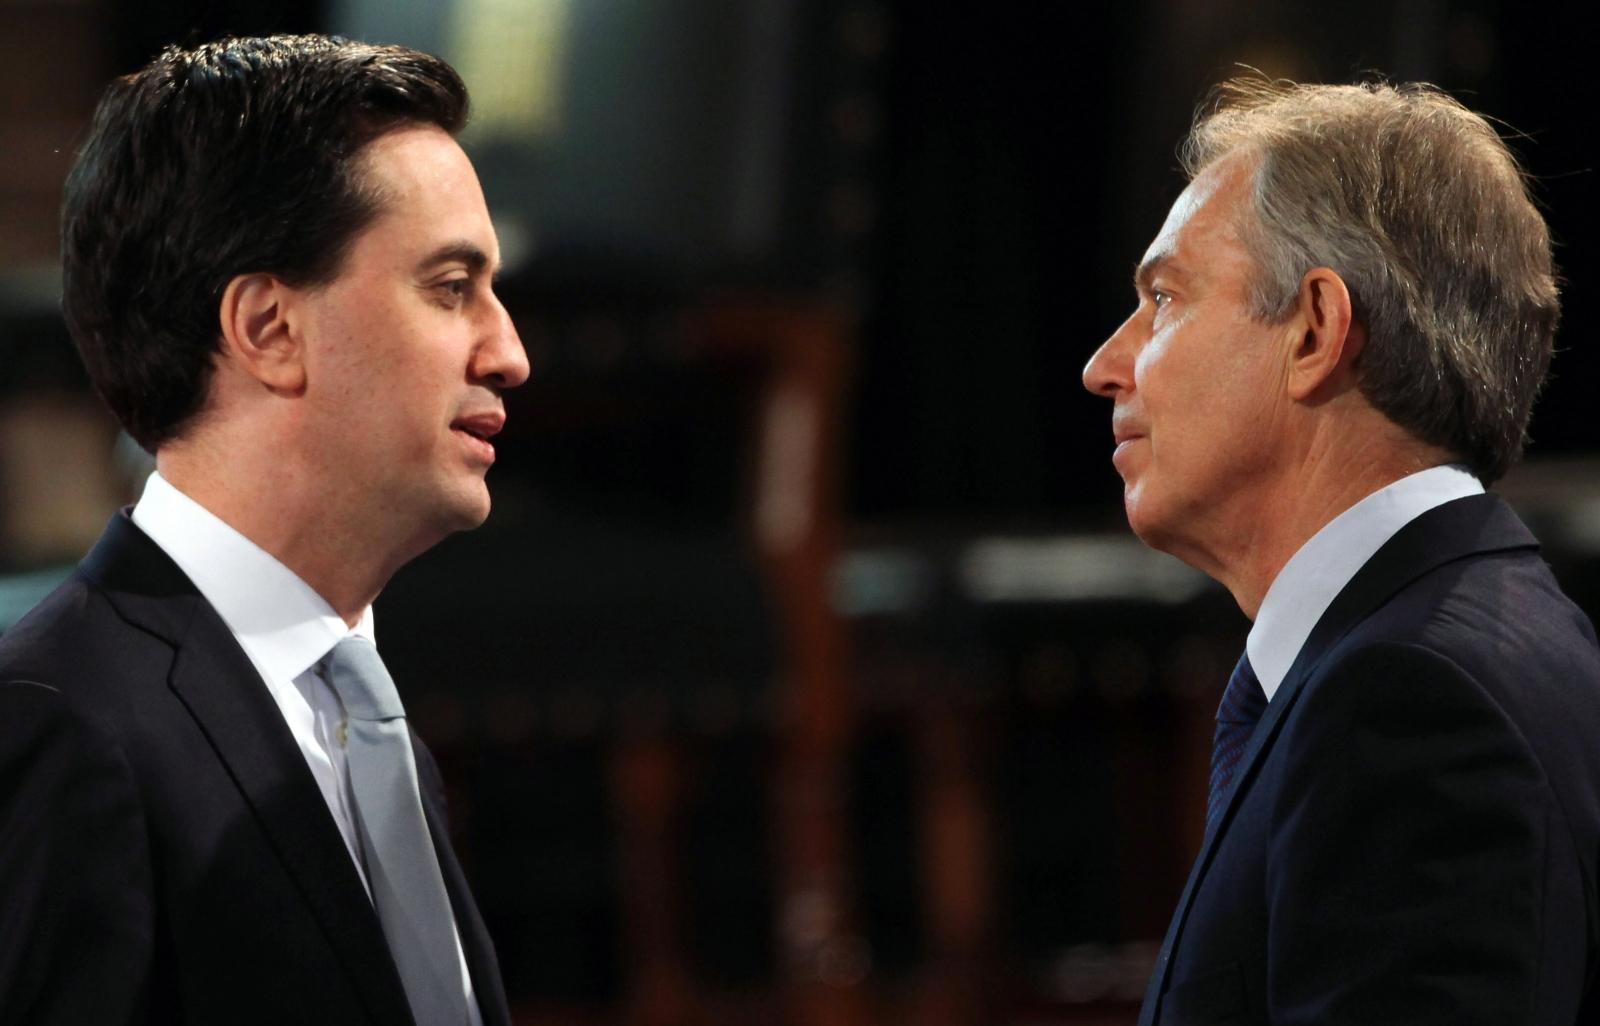 Tony Blair and Ed Miliband